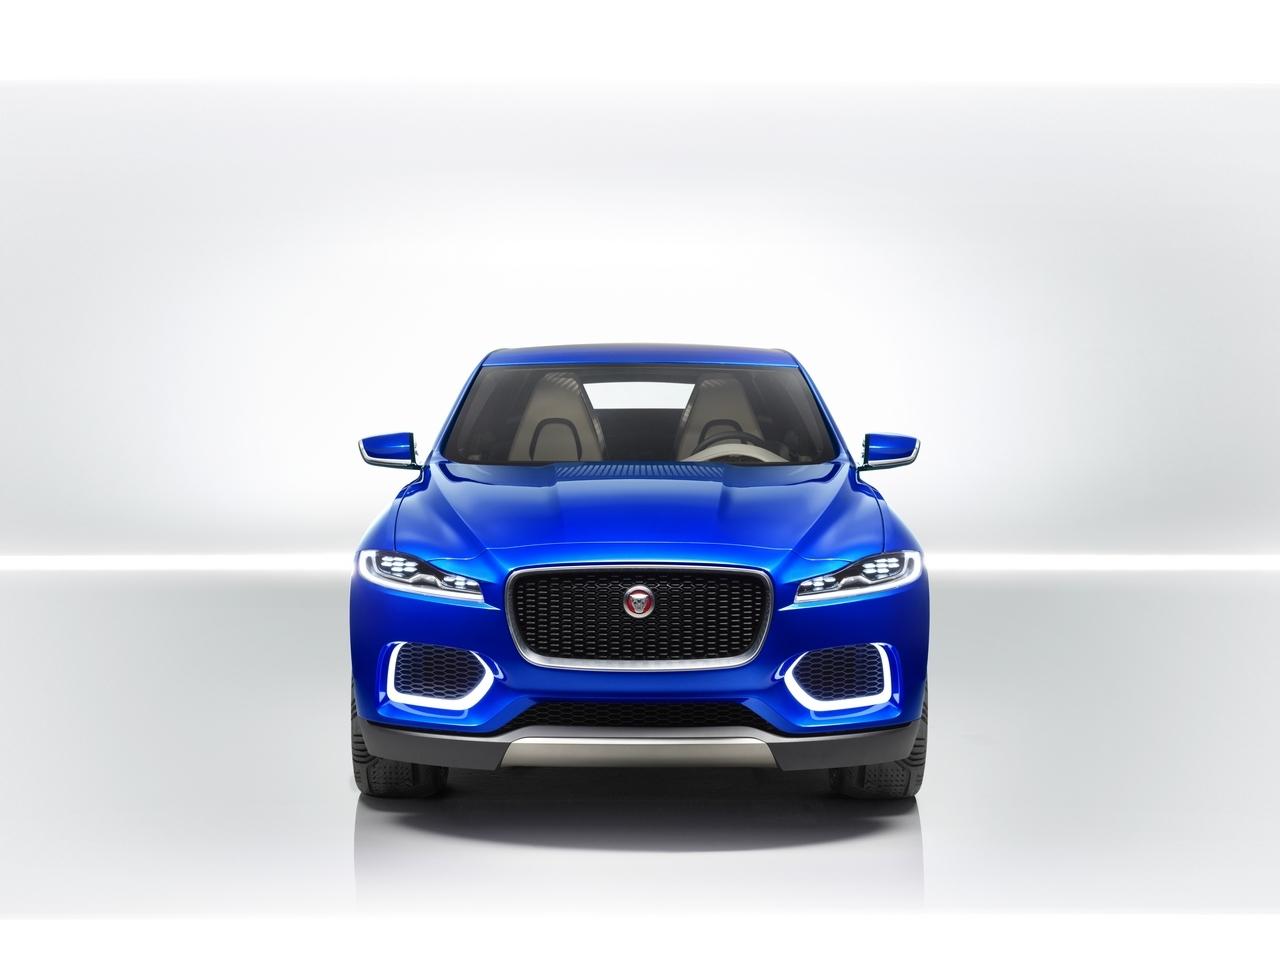 jaguar-c-x17-sports-crossover-concept_30-100